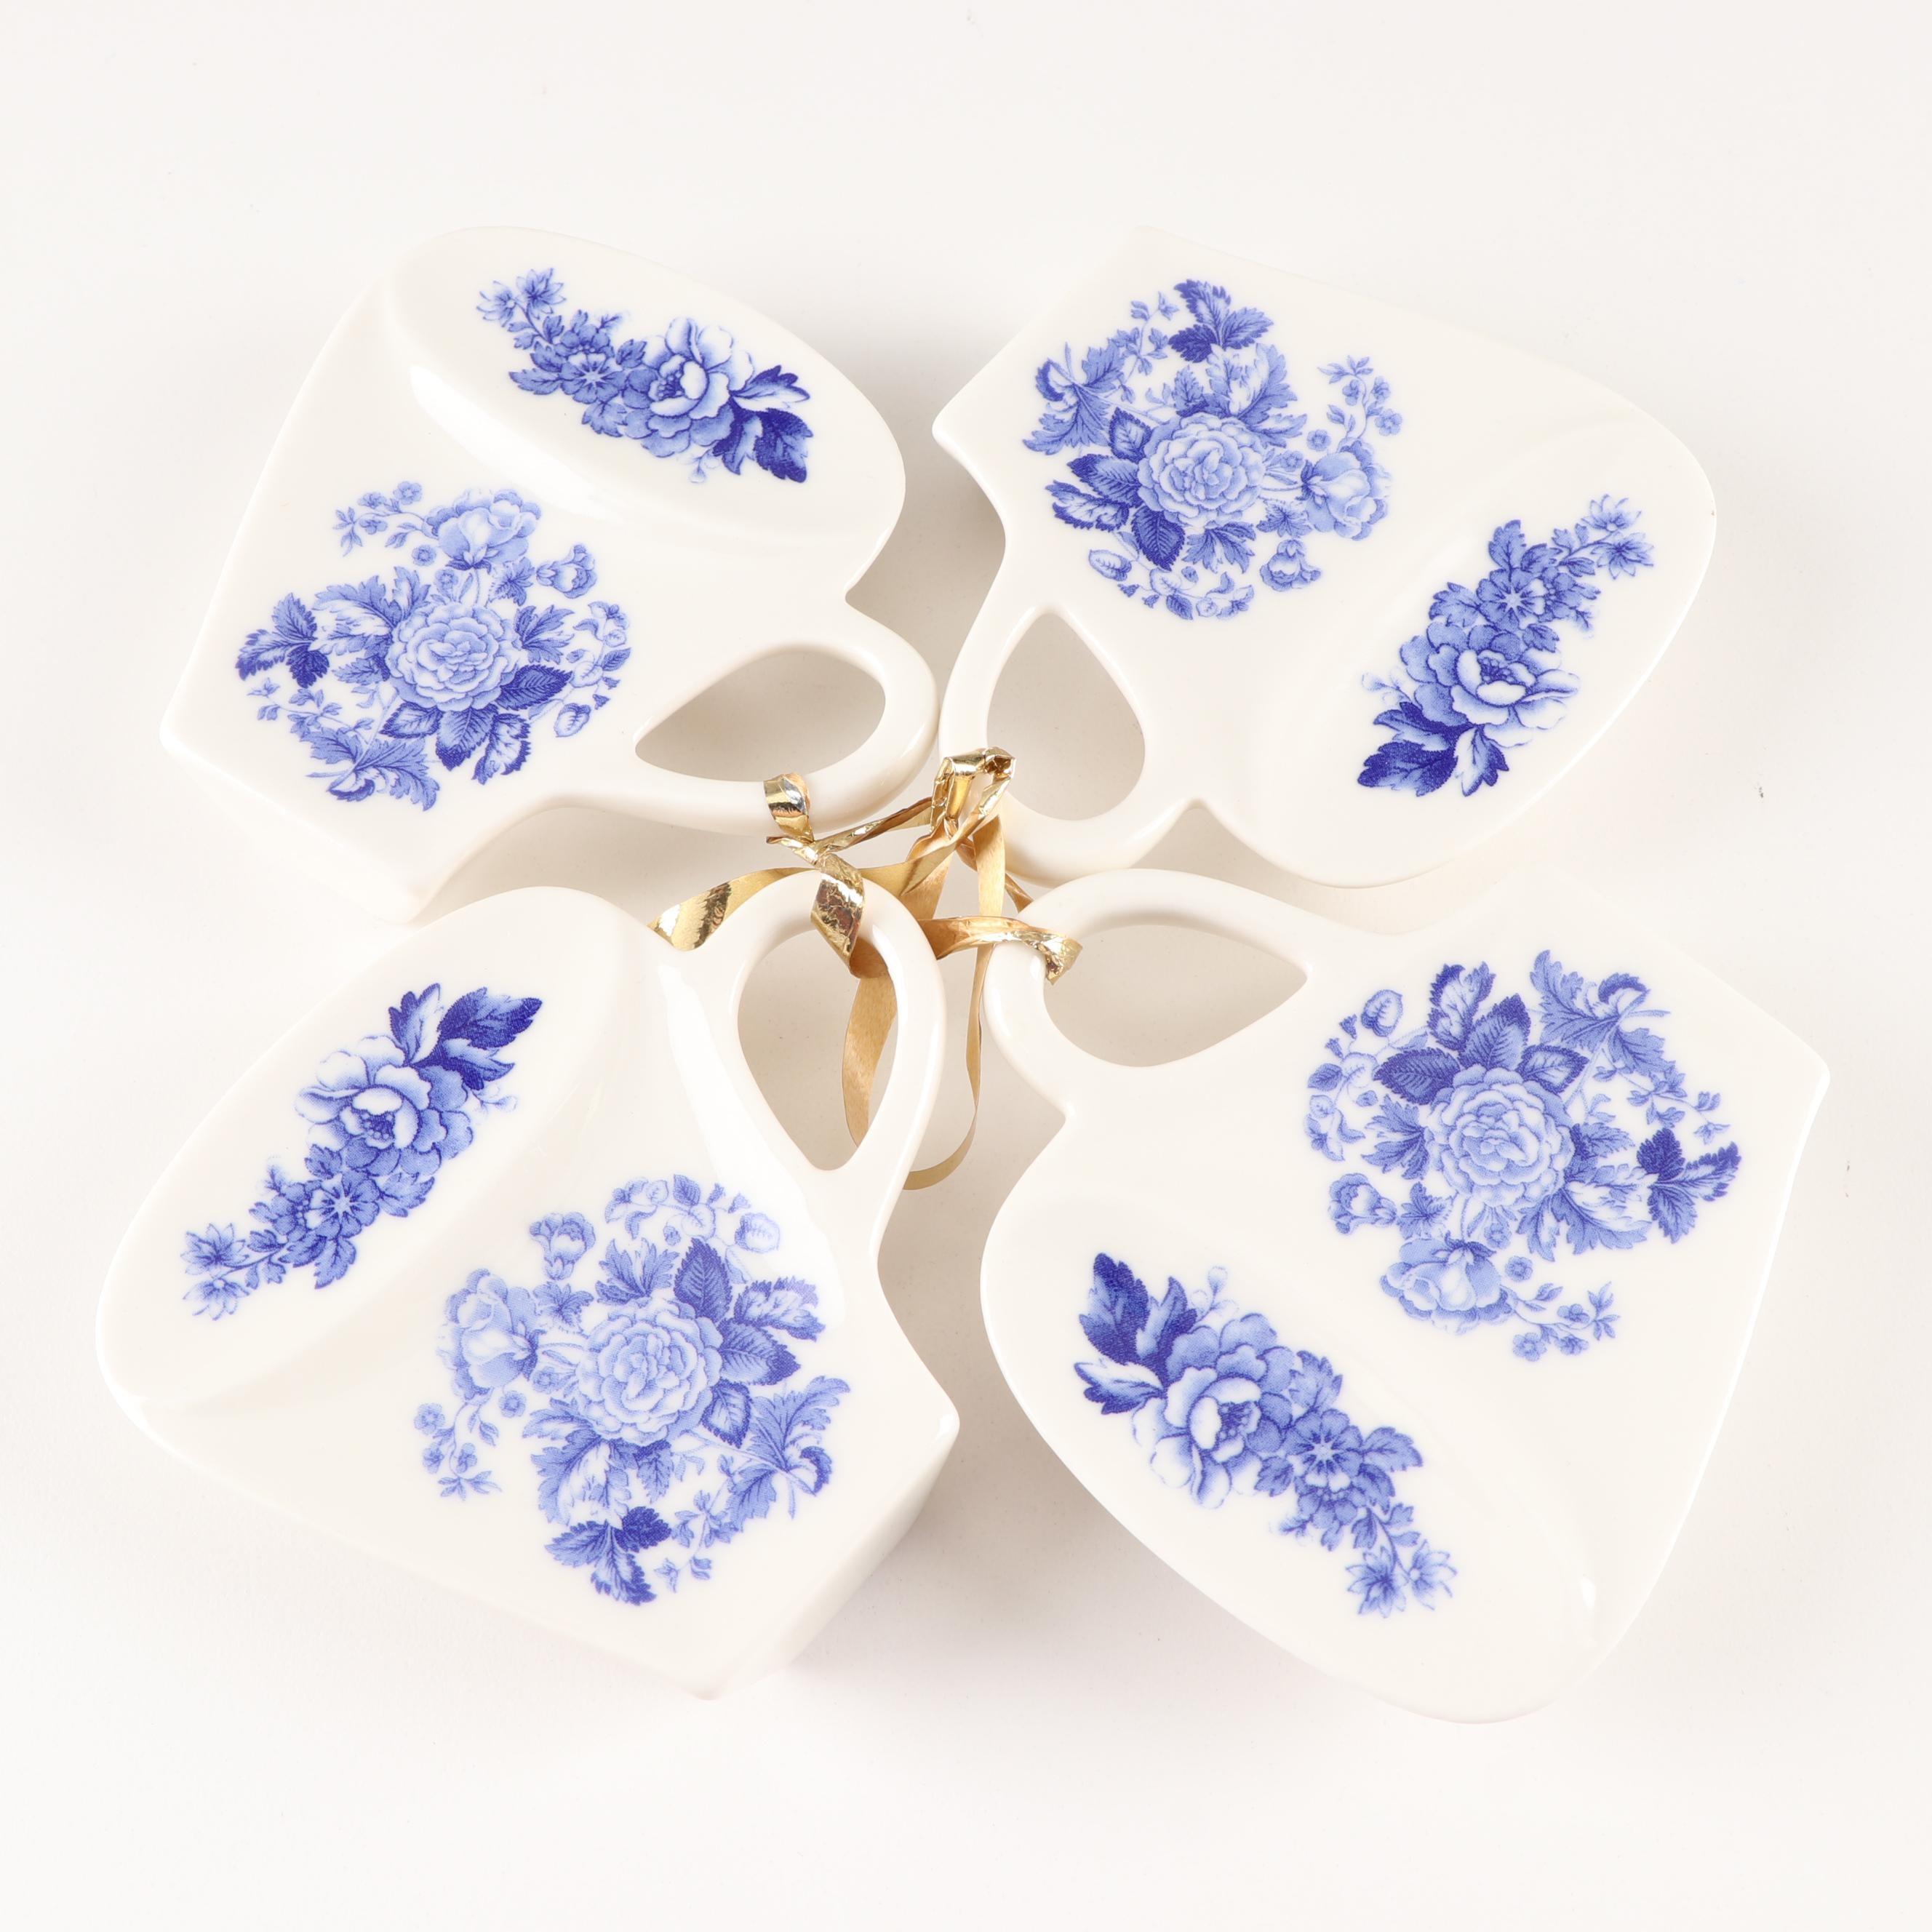 Spode Blue Room Collection Porcelain Tea Bag Rest Holder Grouping